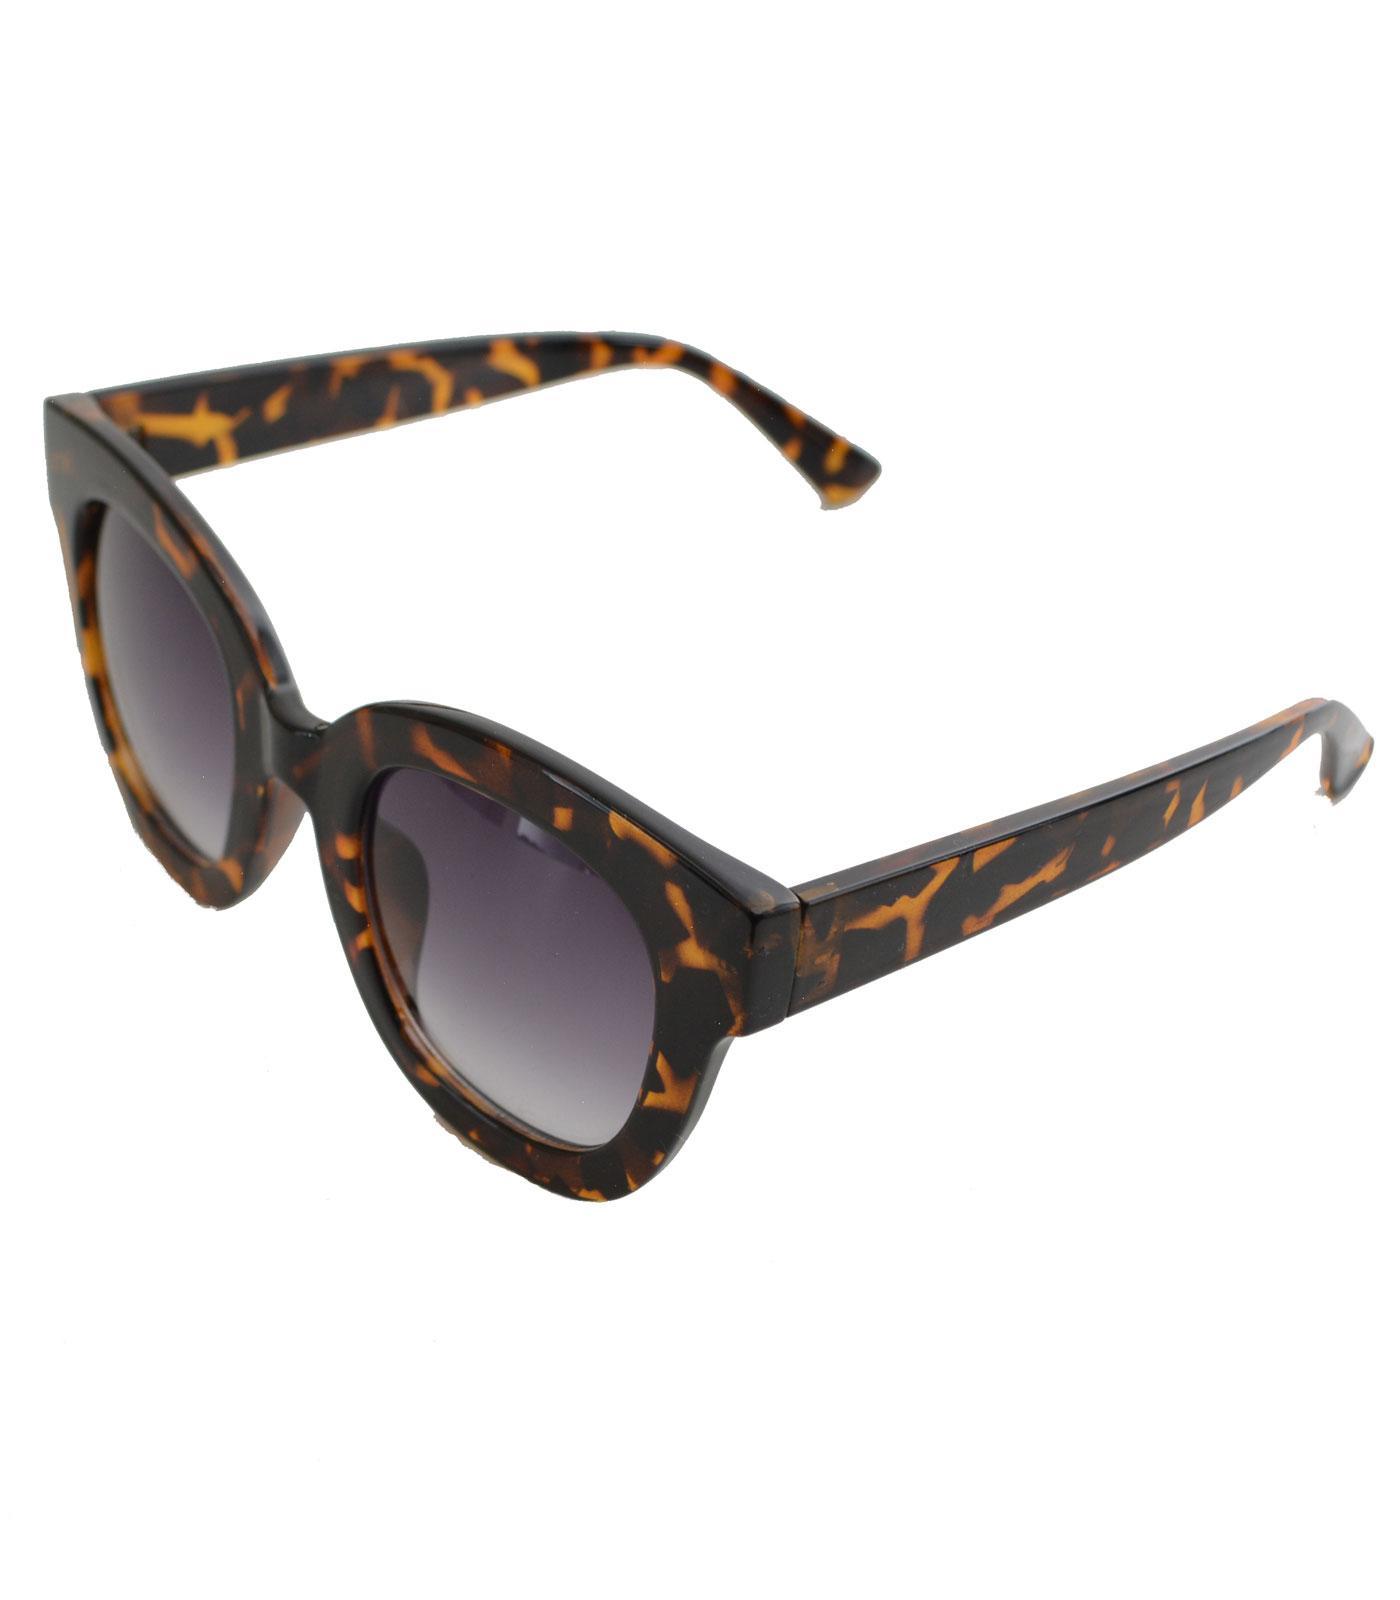 Τετράγωνα γυαλιά ηλίου με καφέ φακό και ταρταρούγα σκελετό αξεσουάρ   γυαλιά